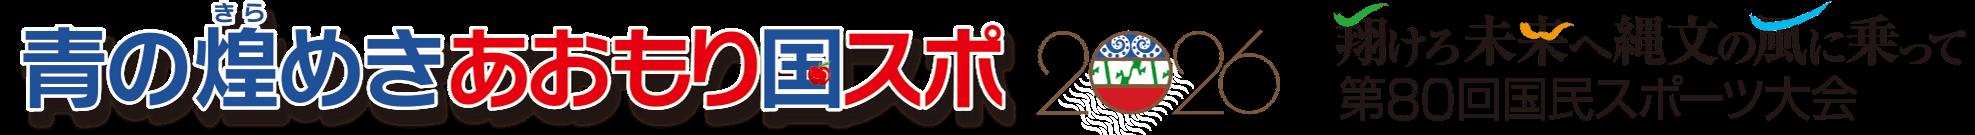 青の煌(きら)めきあおもり国スポ - 第80回国民スポーツ大会